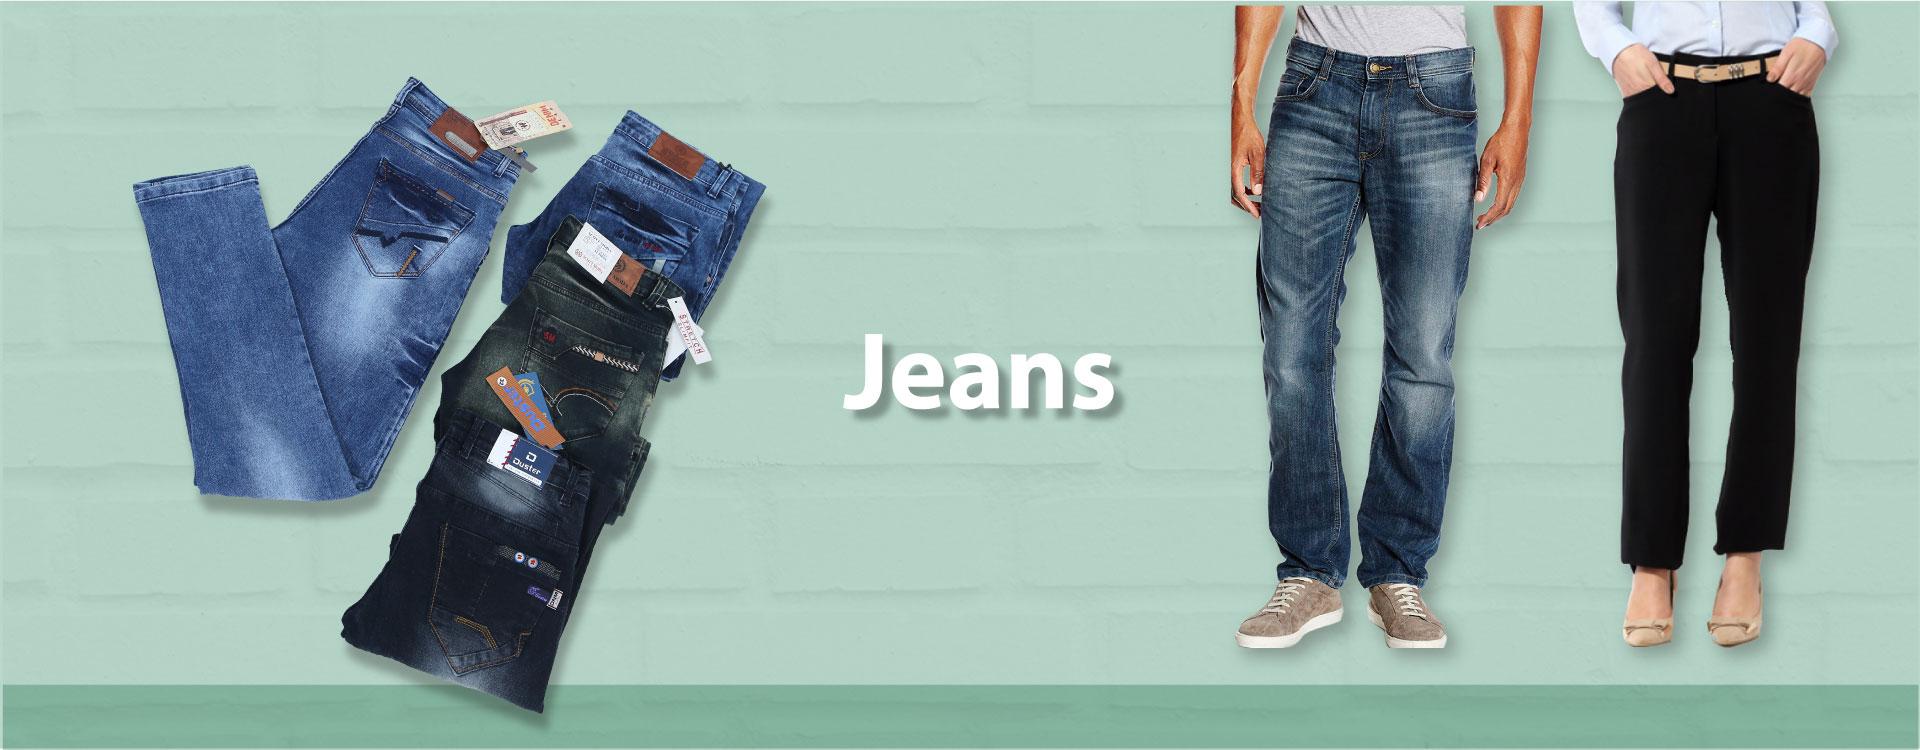 Q-Line-Garments---Web-BannerJeans